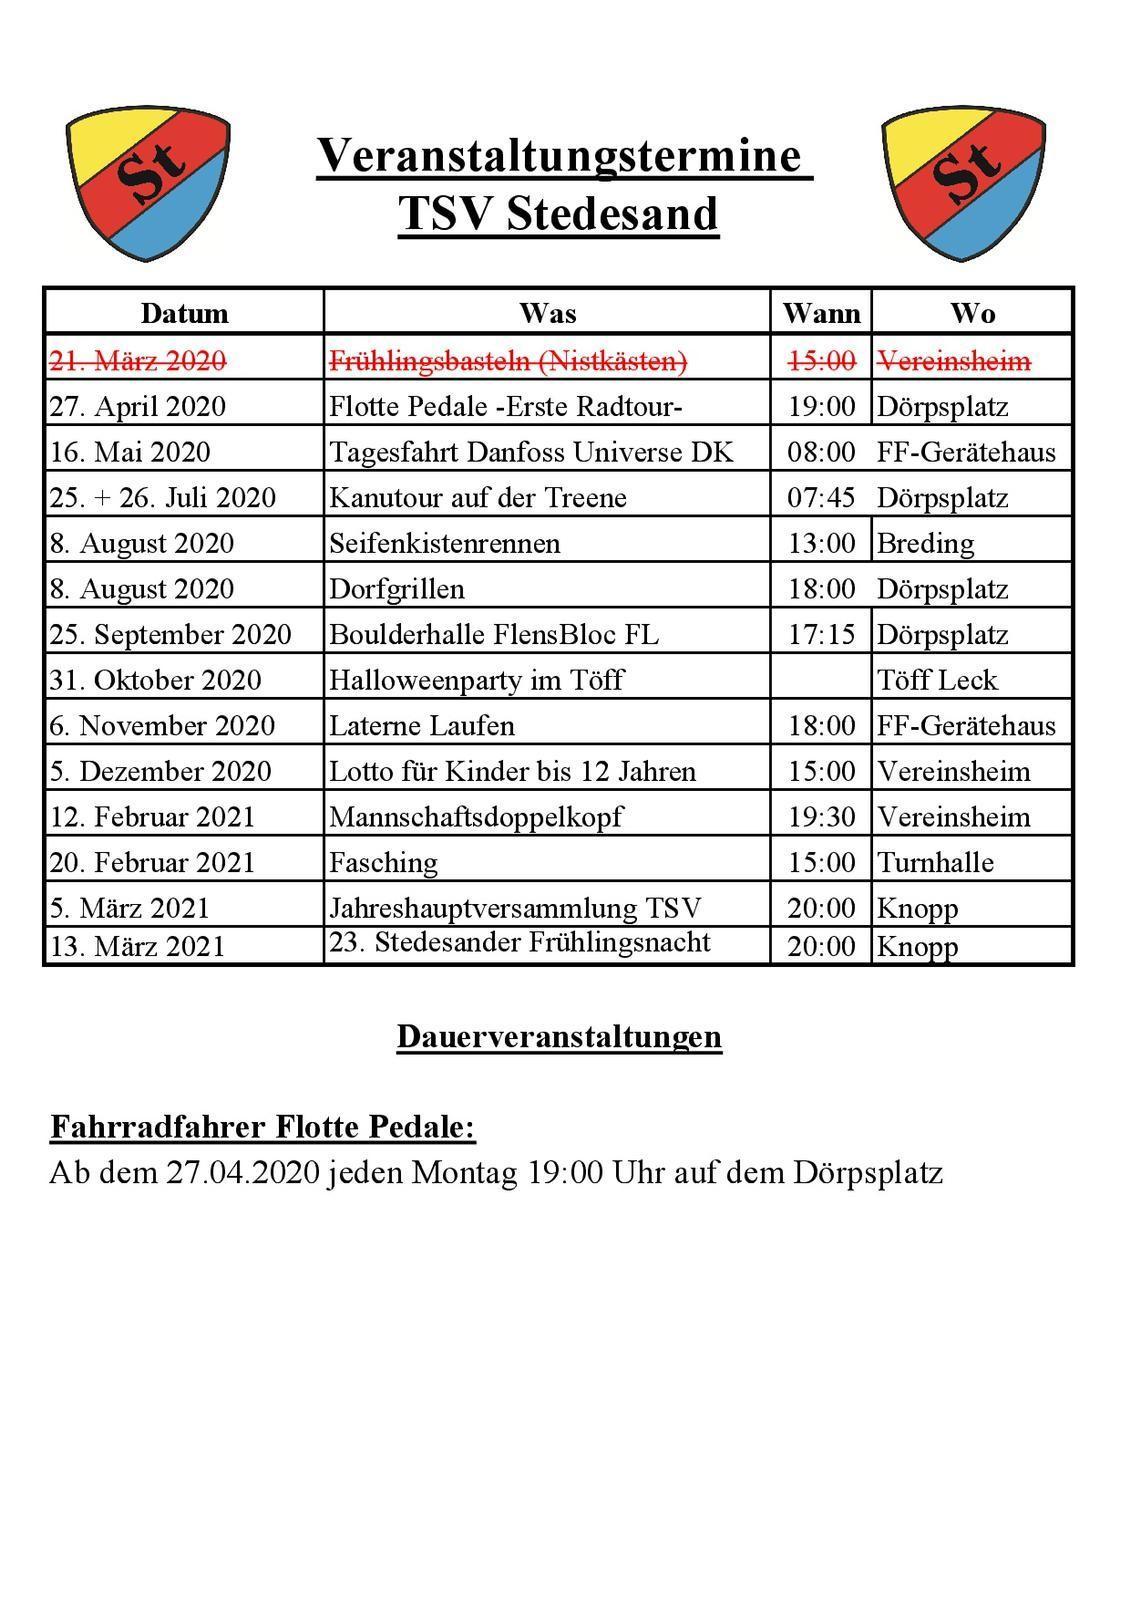 Veranstaltungen 20-21